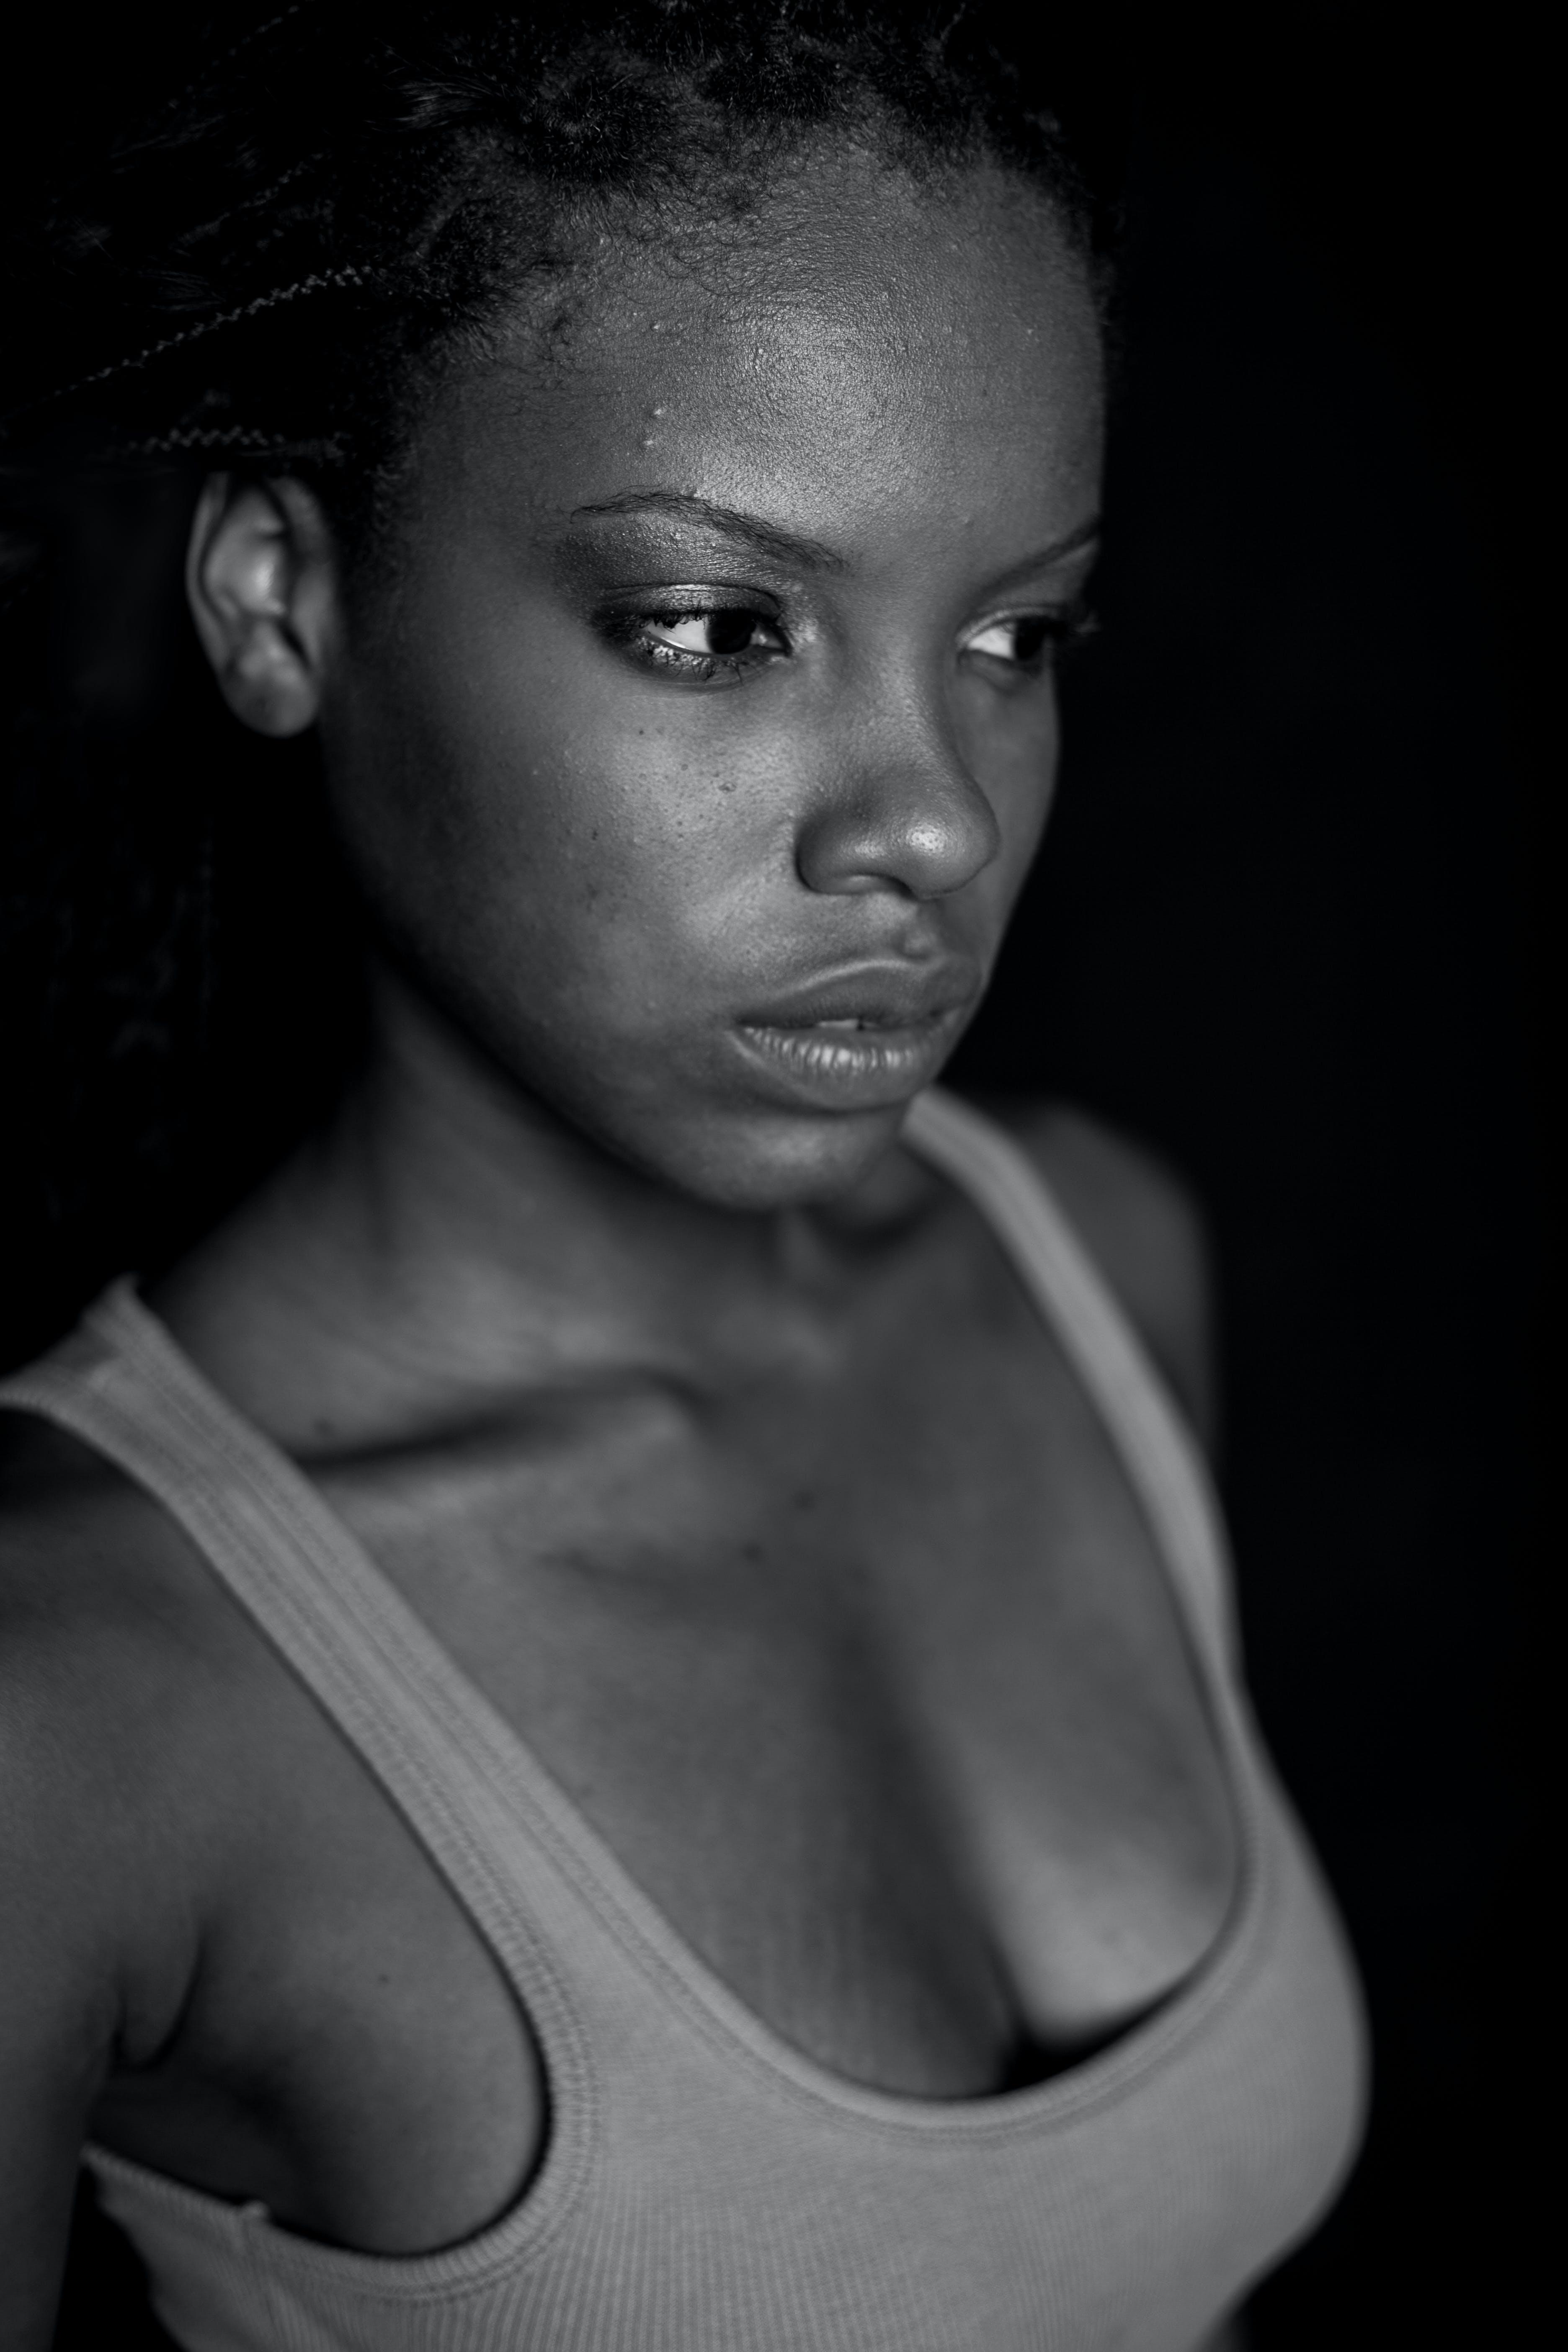 Gratis arkivbilde med ansiktsuttrykk, brasiliansk, bruke, etnisk